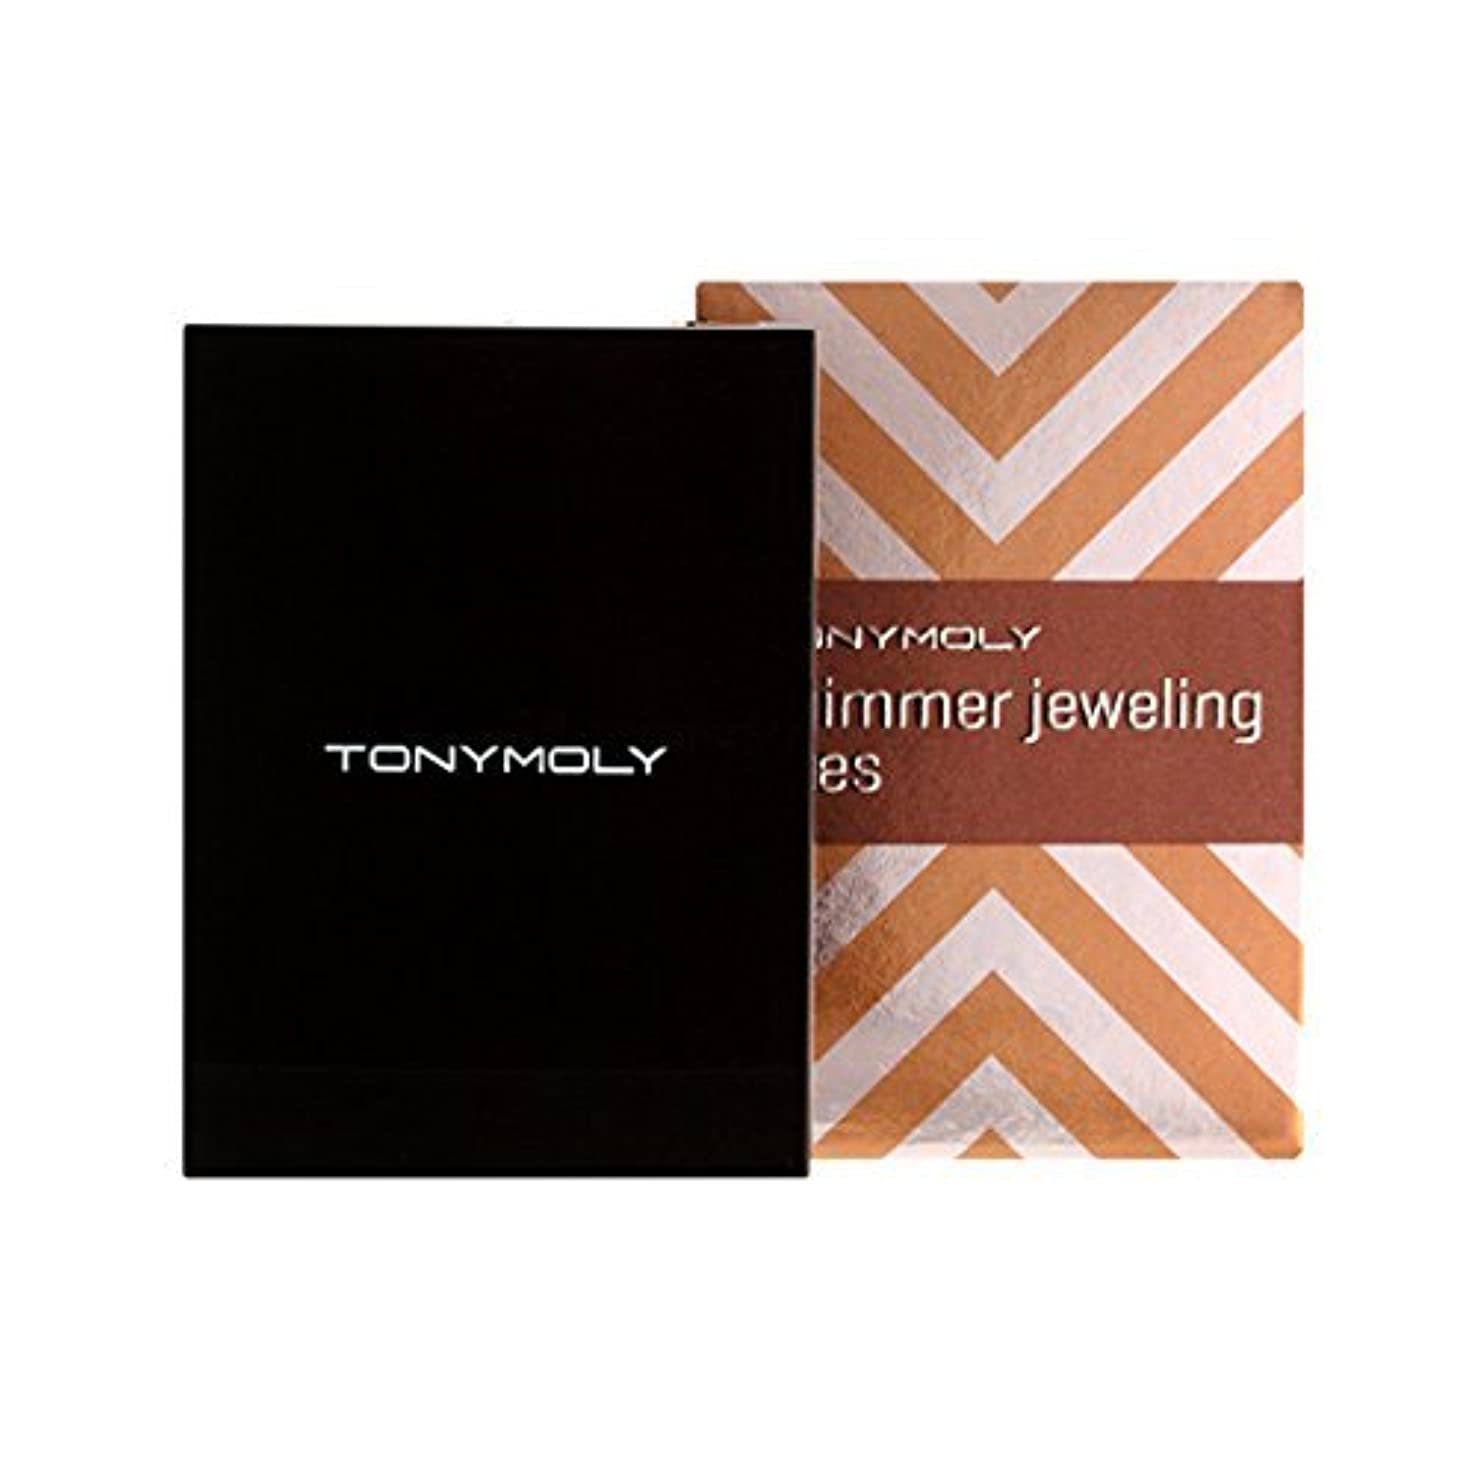 電報ショッピングセンター好奇心盛[Tonymoly] トニーモリ Shimmer Jeweling Eyes 2.7g #05 Peach Jeweling by TONYMOLY